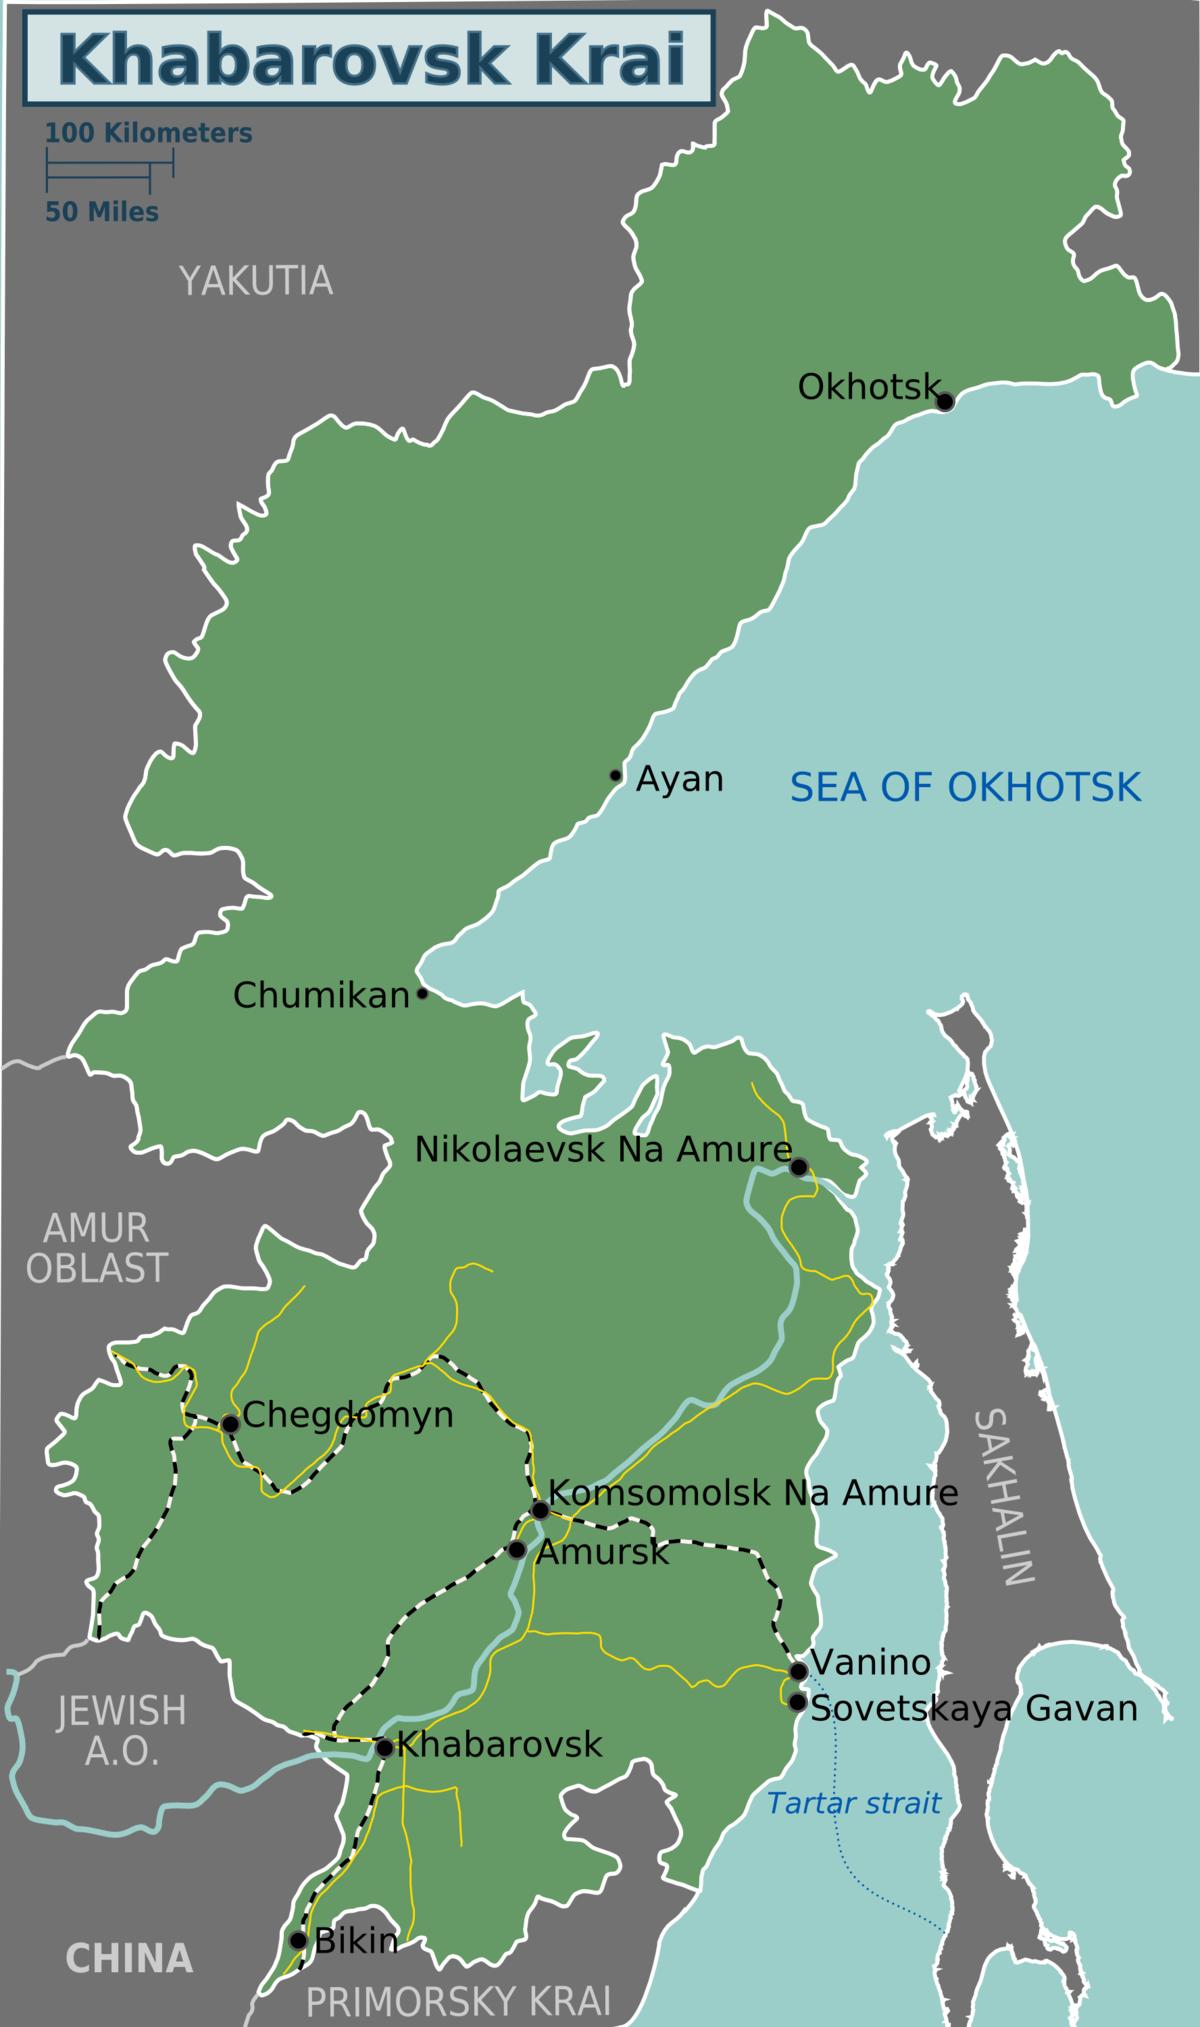 Khabarovsk Krai Travel Guide At Wikivoyage